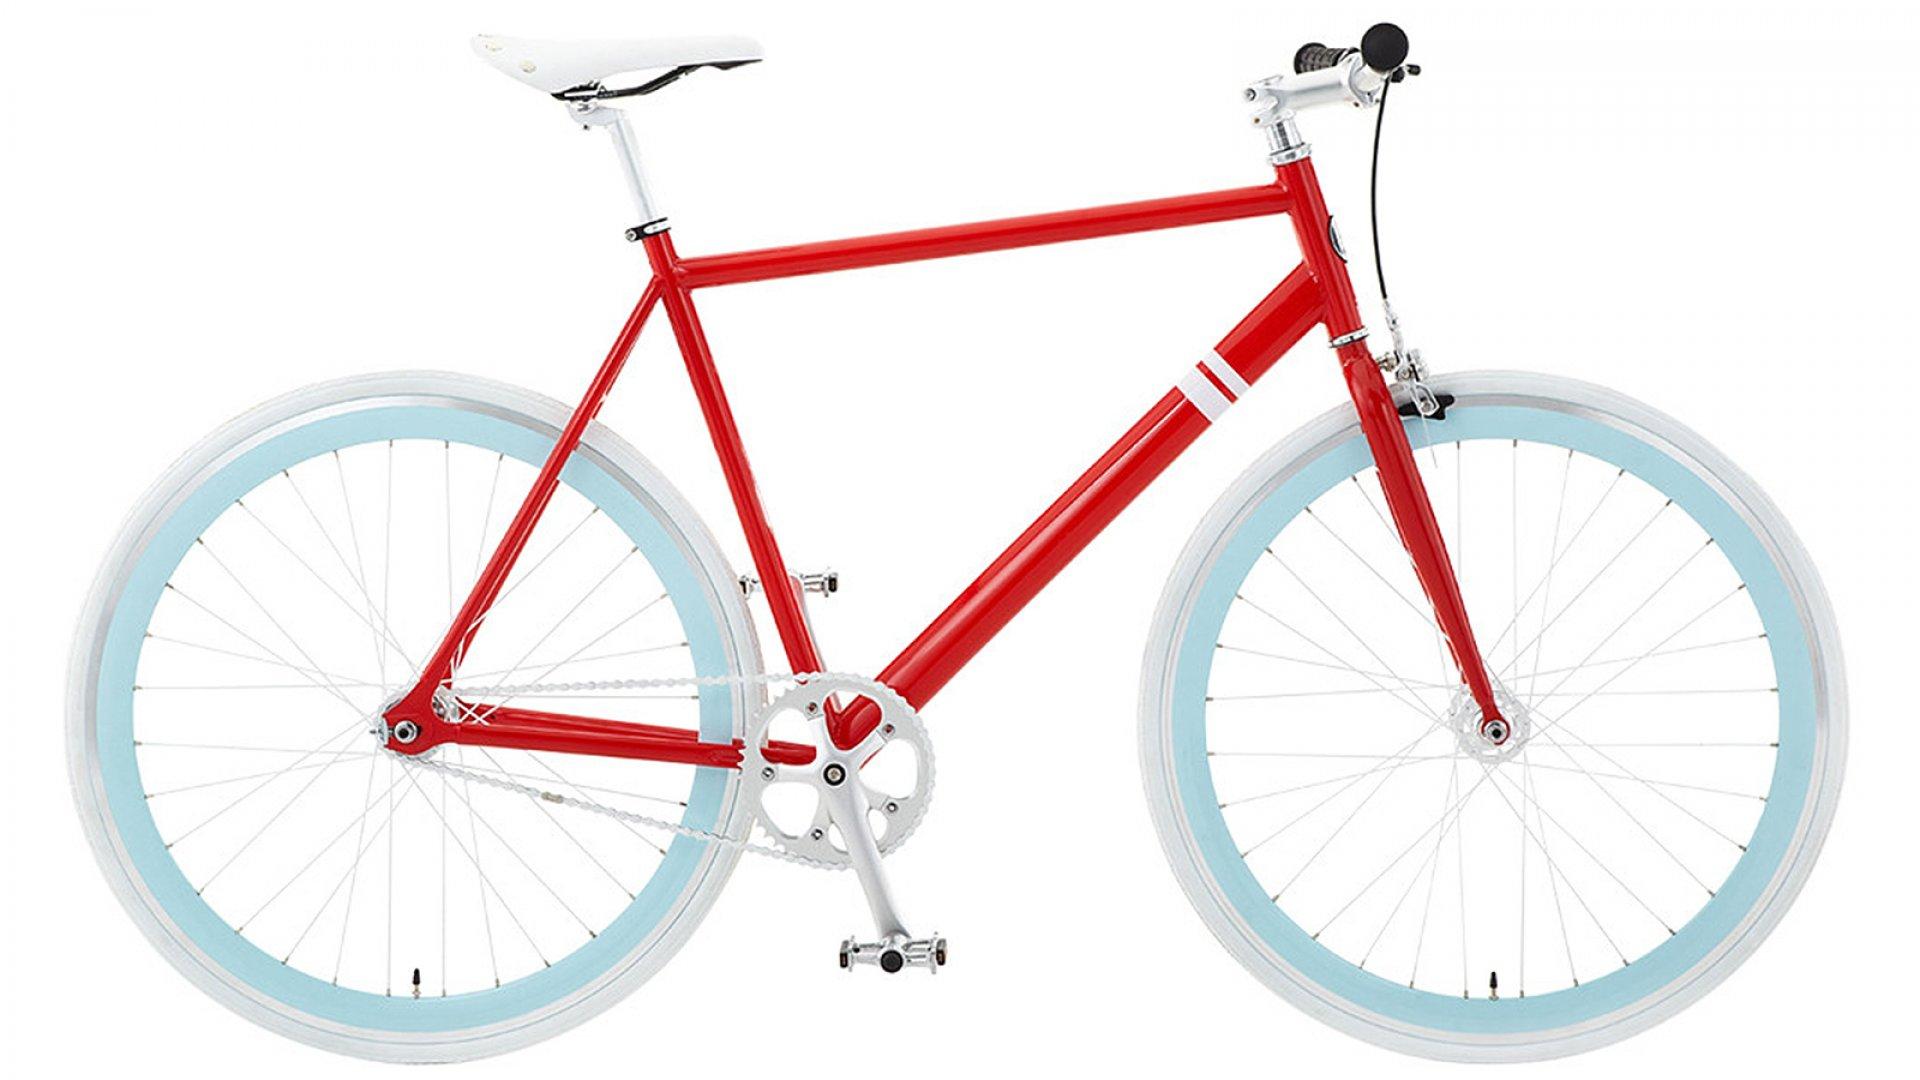 Sole's OFW bike.